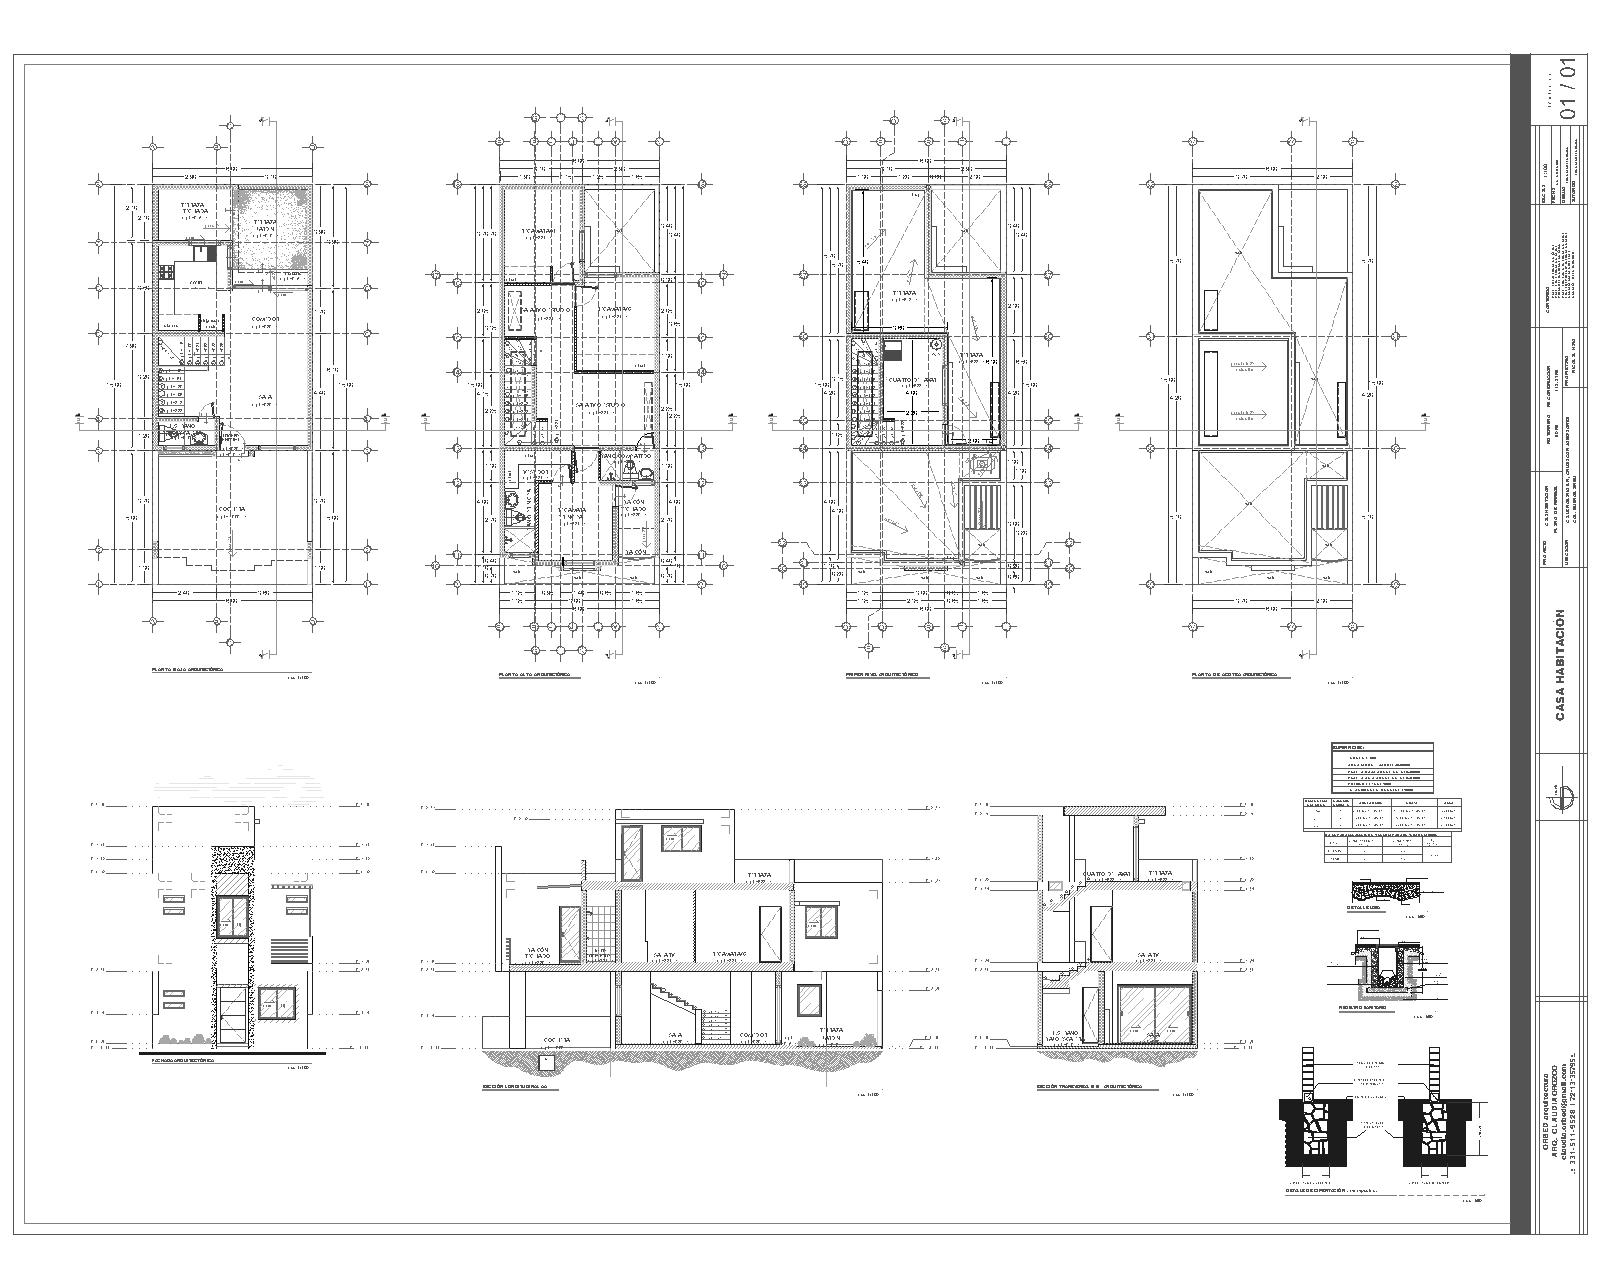 Orbed arquitectura construcci n proyecto y plano de for Planos de casa habitacion